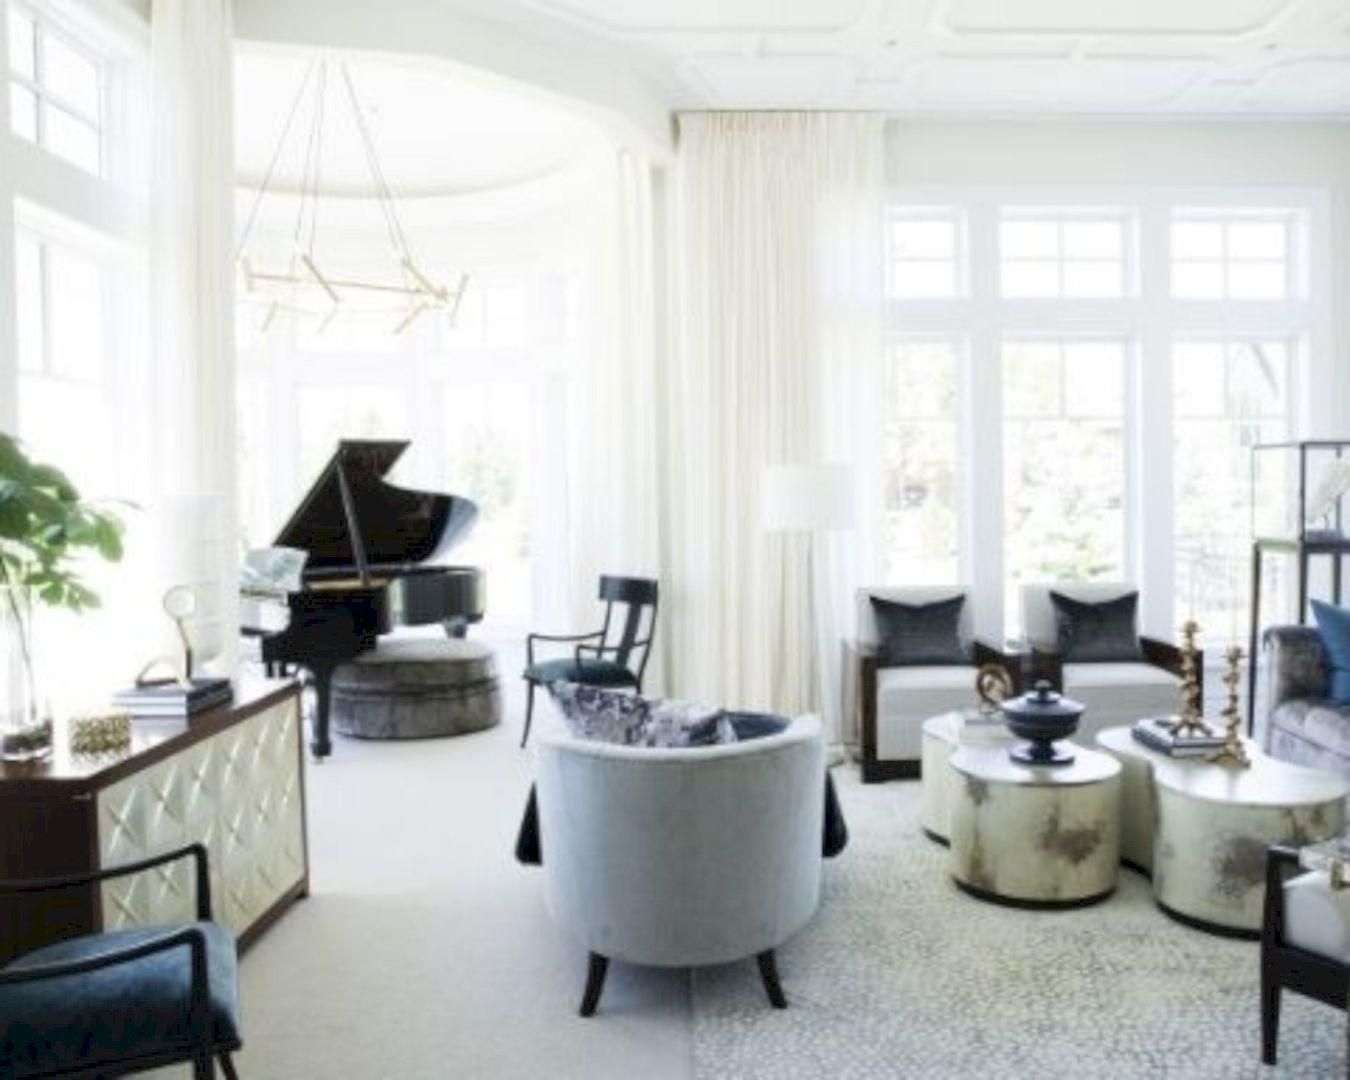 Window ideas for a sunroom   furniture ideas to brighten your sunroom  sunroom furniture